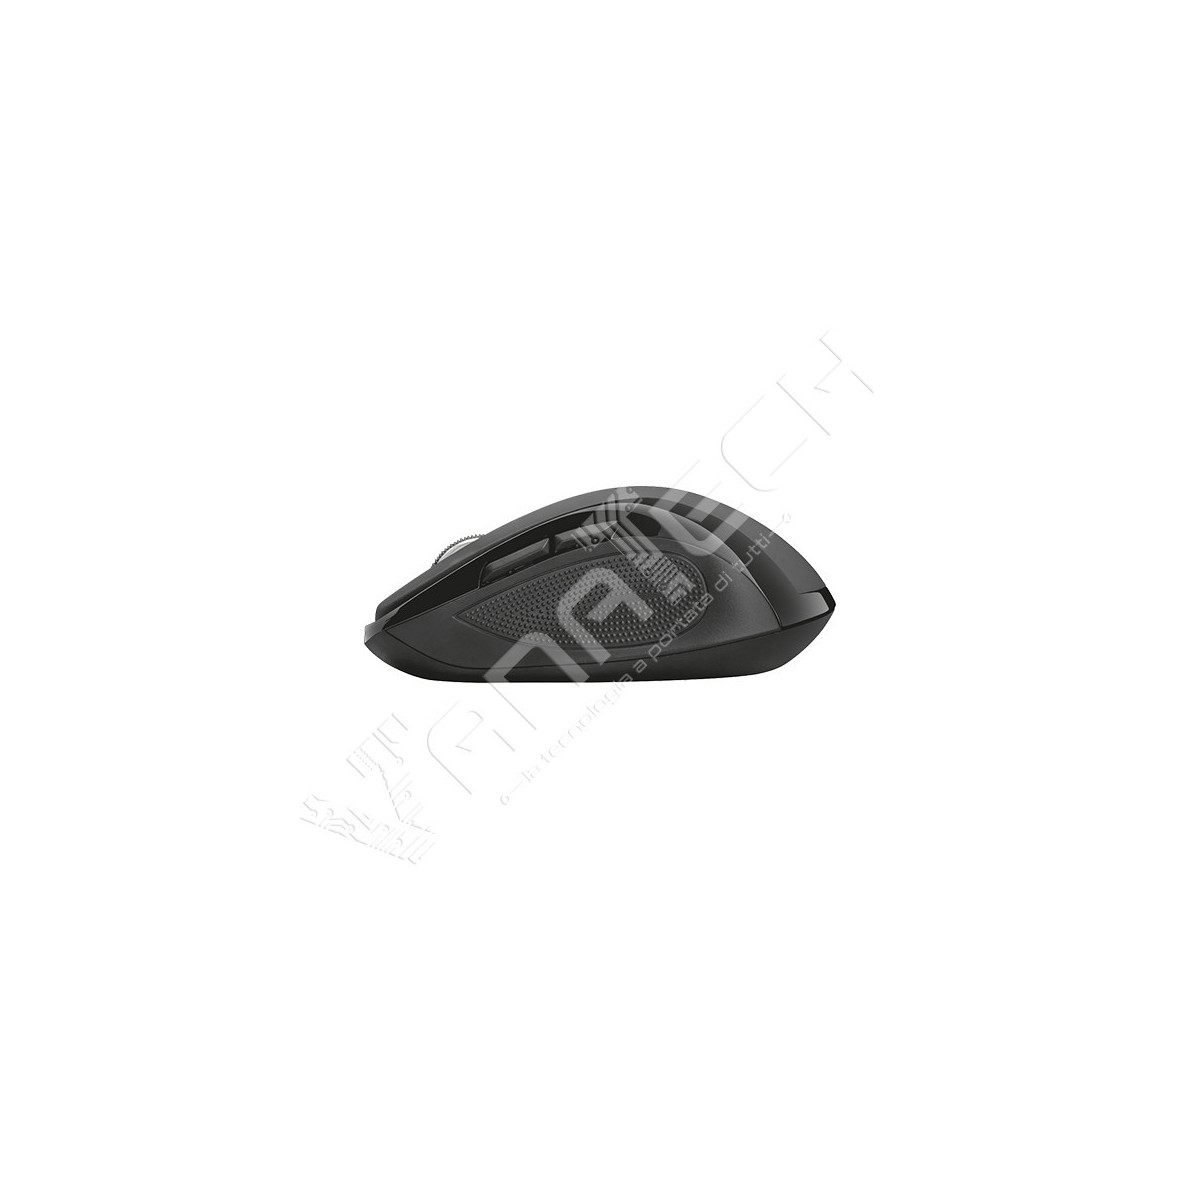 CASE TECNO ATX TC-951 CON ALIMENTATORE DA 550W USB 3.0 E CARD READER